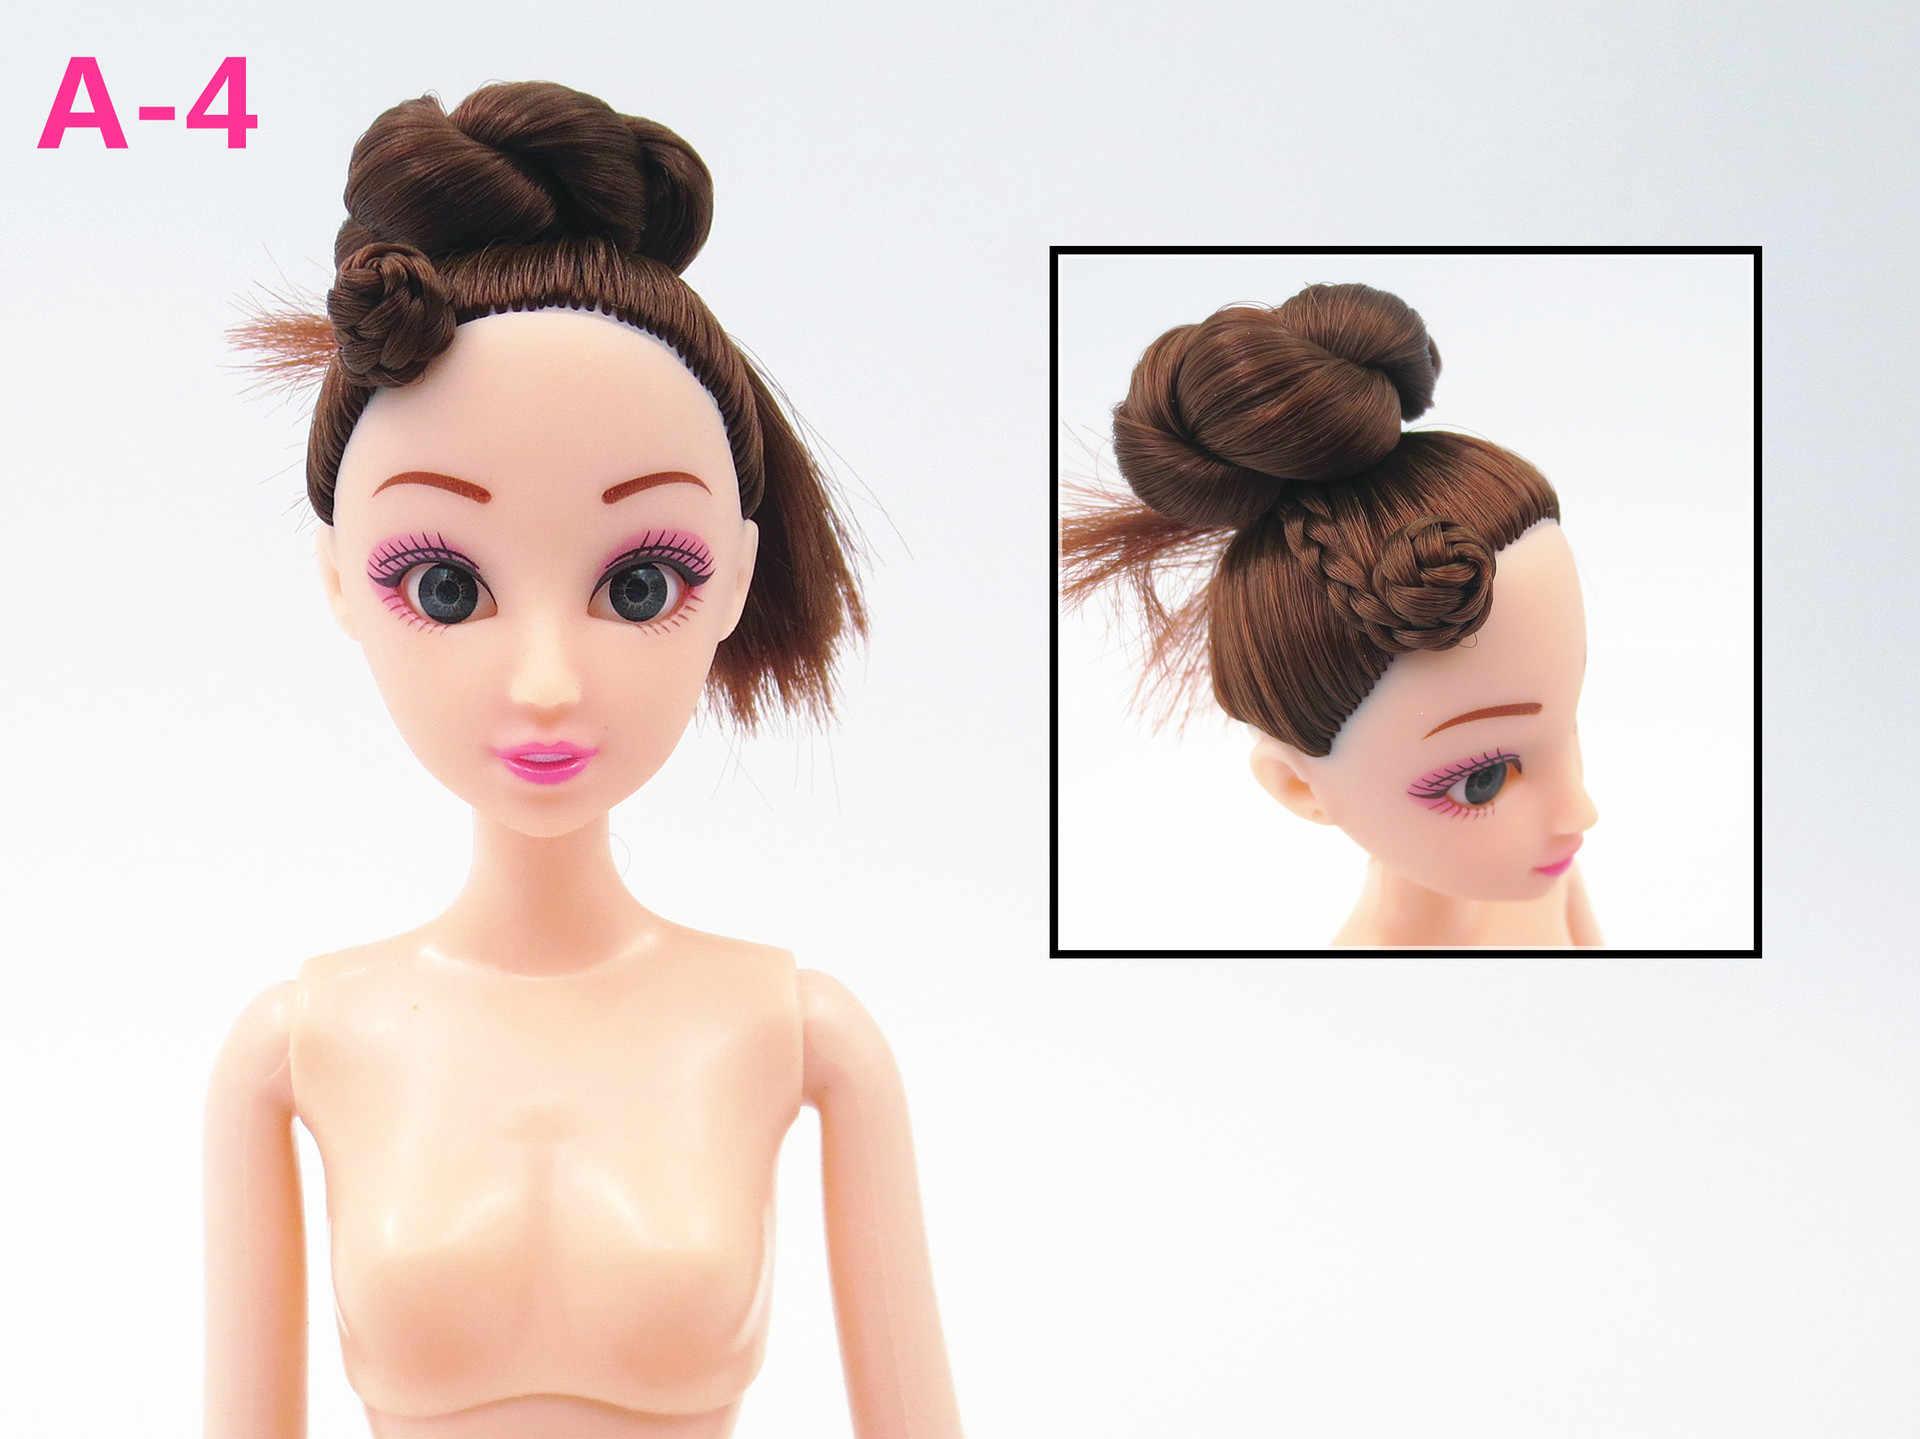 1 шт., кукла Обнаженная, 3d, реалистичный глаз, Bjd, сделай сам, обнаженные тела, азиатская голова, 12 подвижных шарниров, игрушки для тела для девочки, подарок, кукла